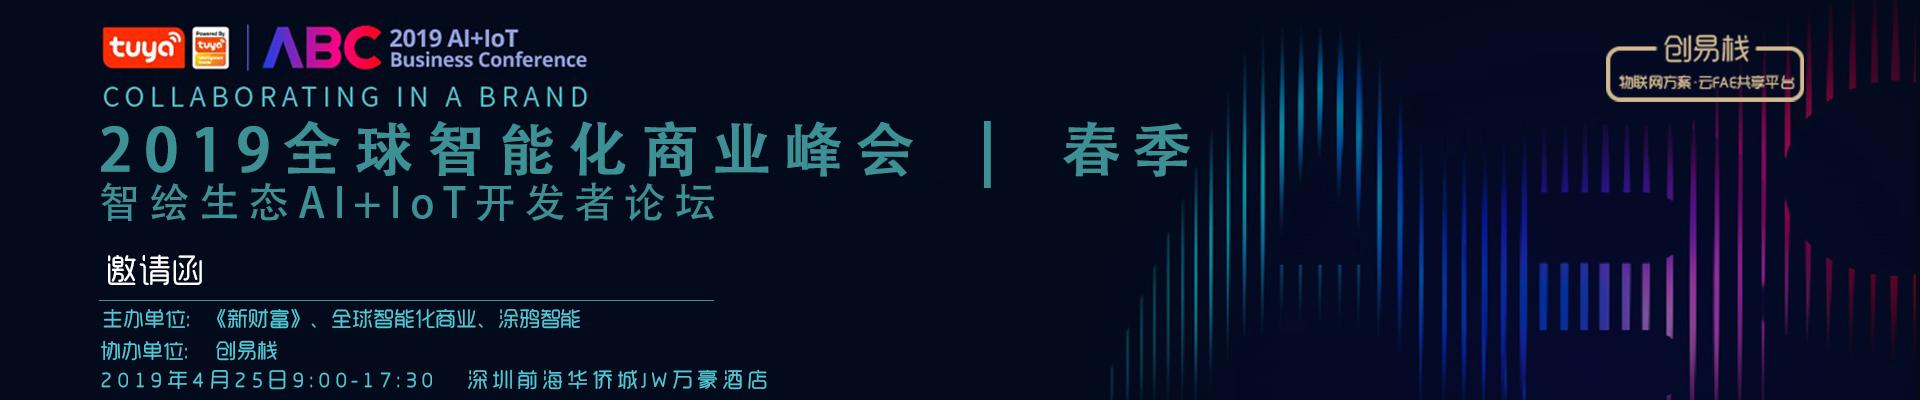 涂鸦智能2019全球智能化商业峰会